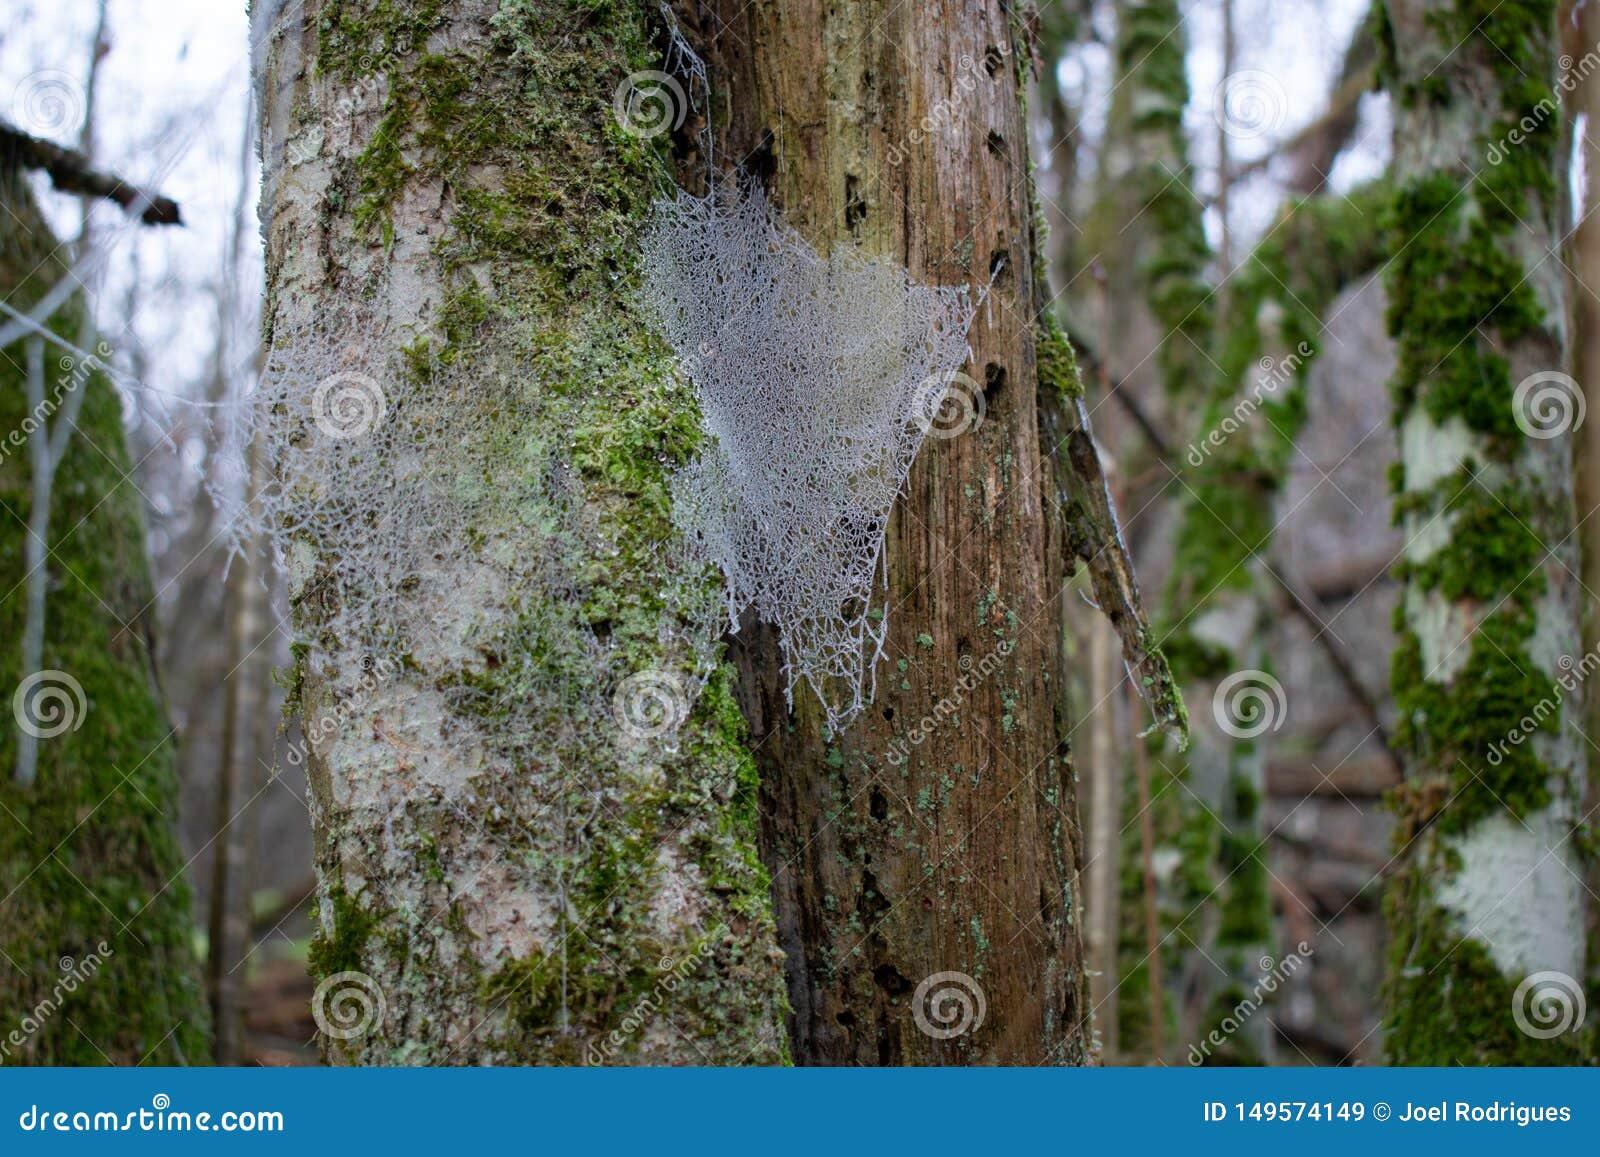 Bevroren spiderweb in bos tijdens wintertijd